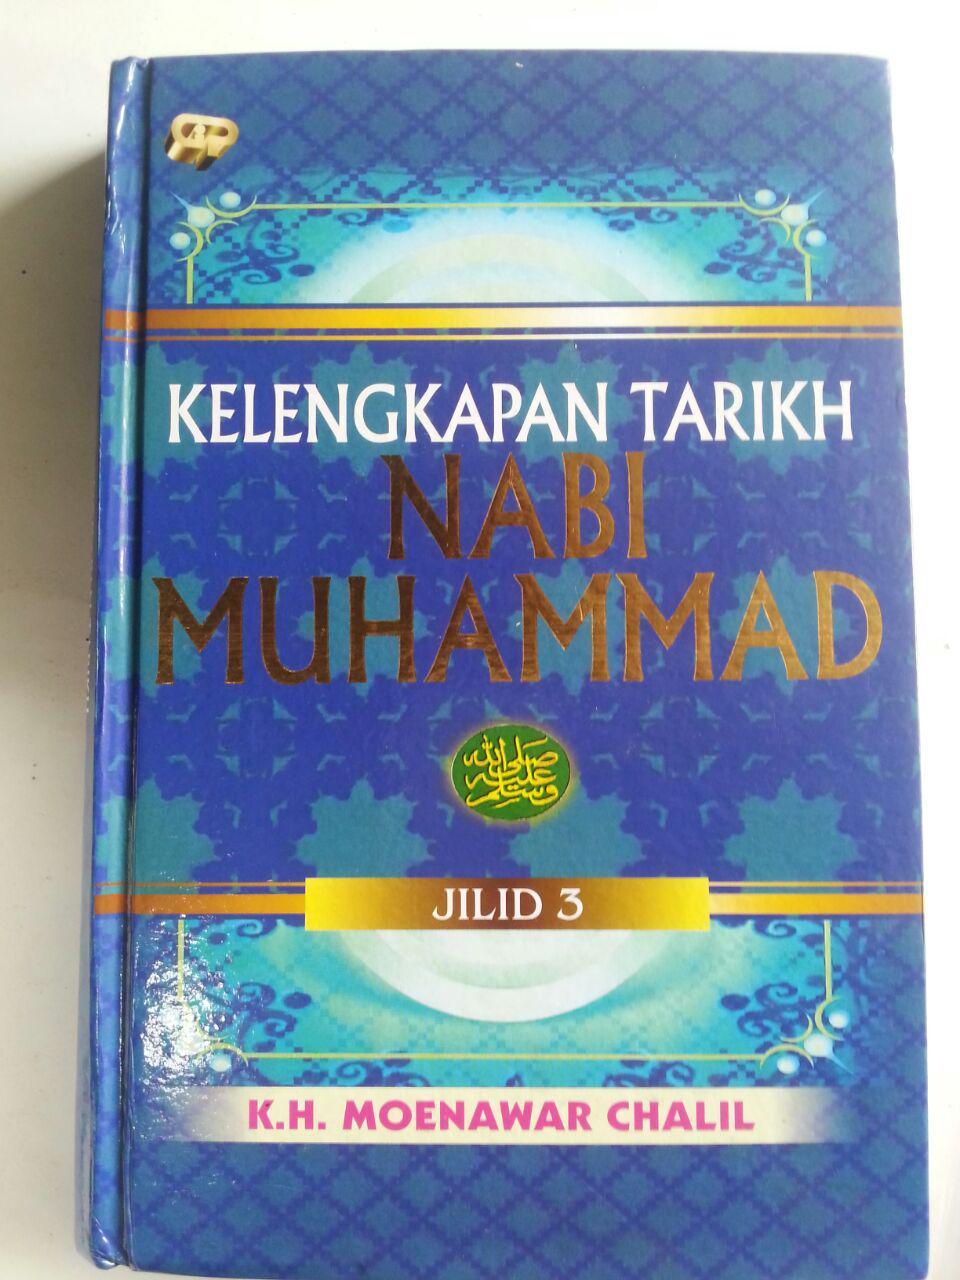 Buku Kelengkapan Tarikh Nabi Muhammad Set 3 Jilid cover